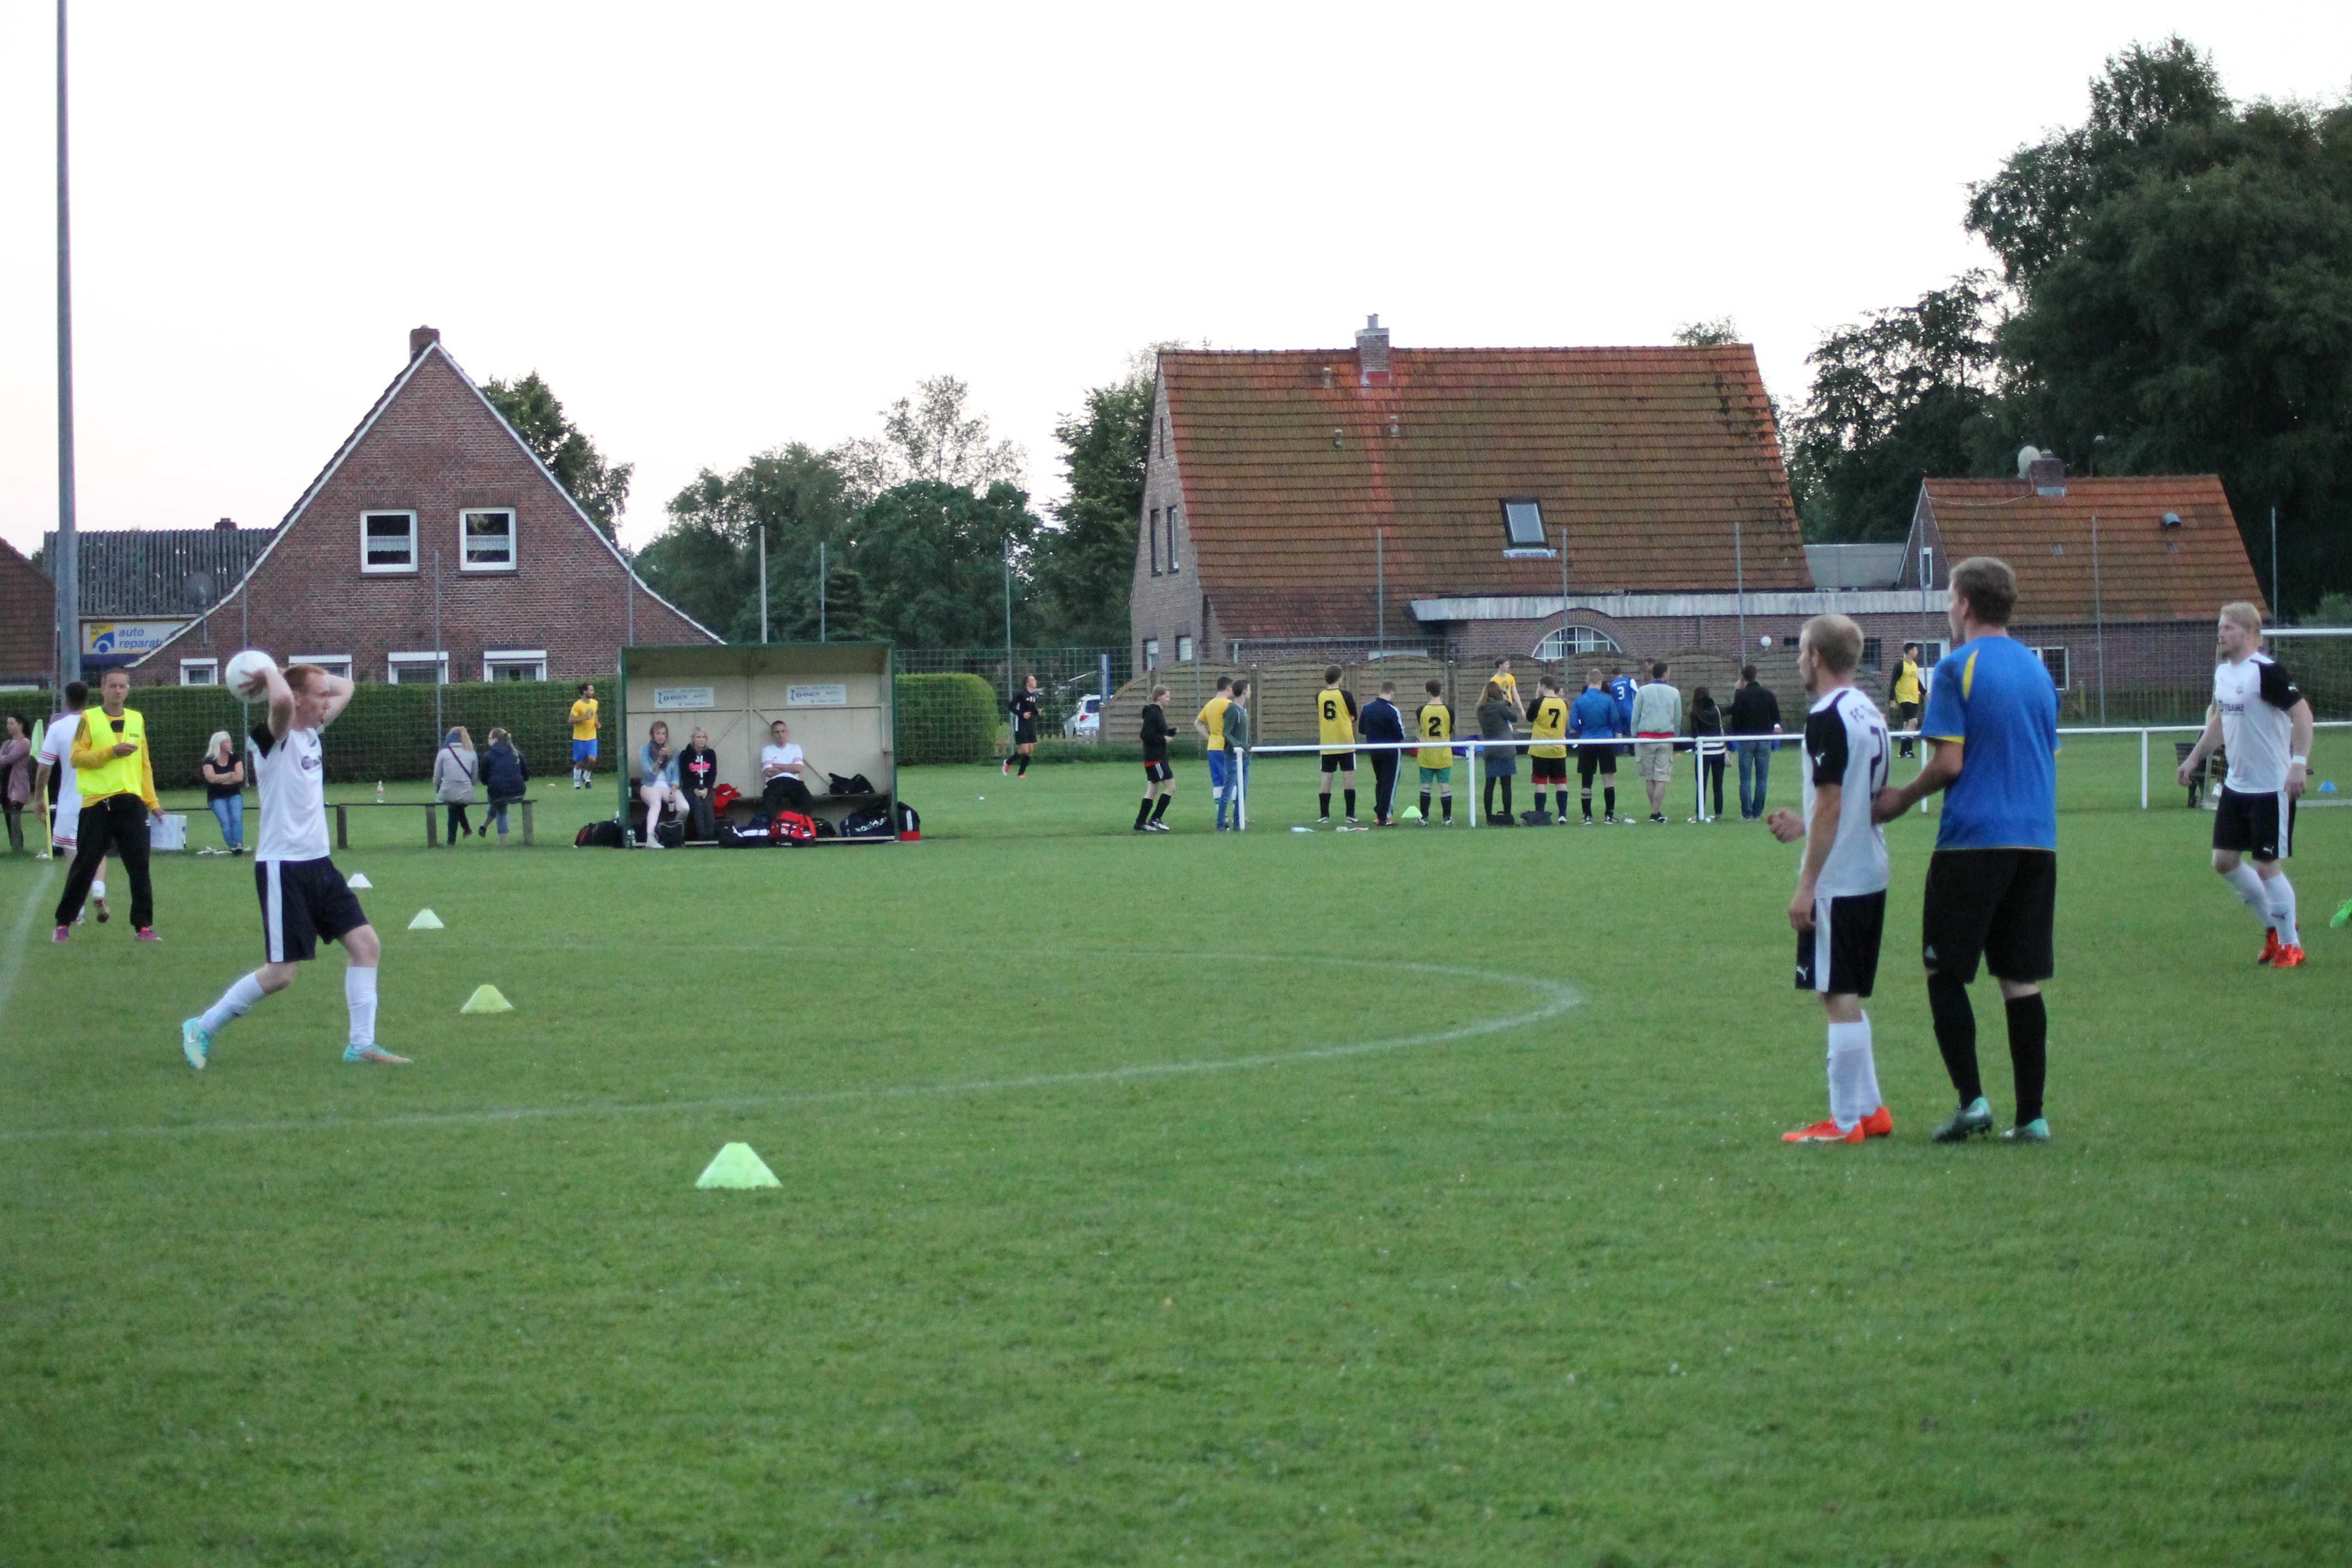 2016-08-06 Sportwoche - zweiter Samstag (48)